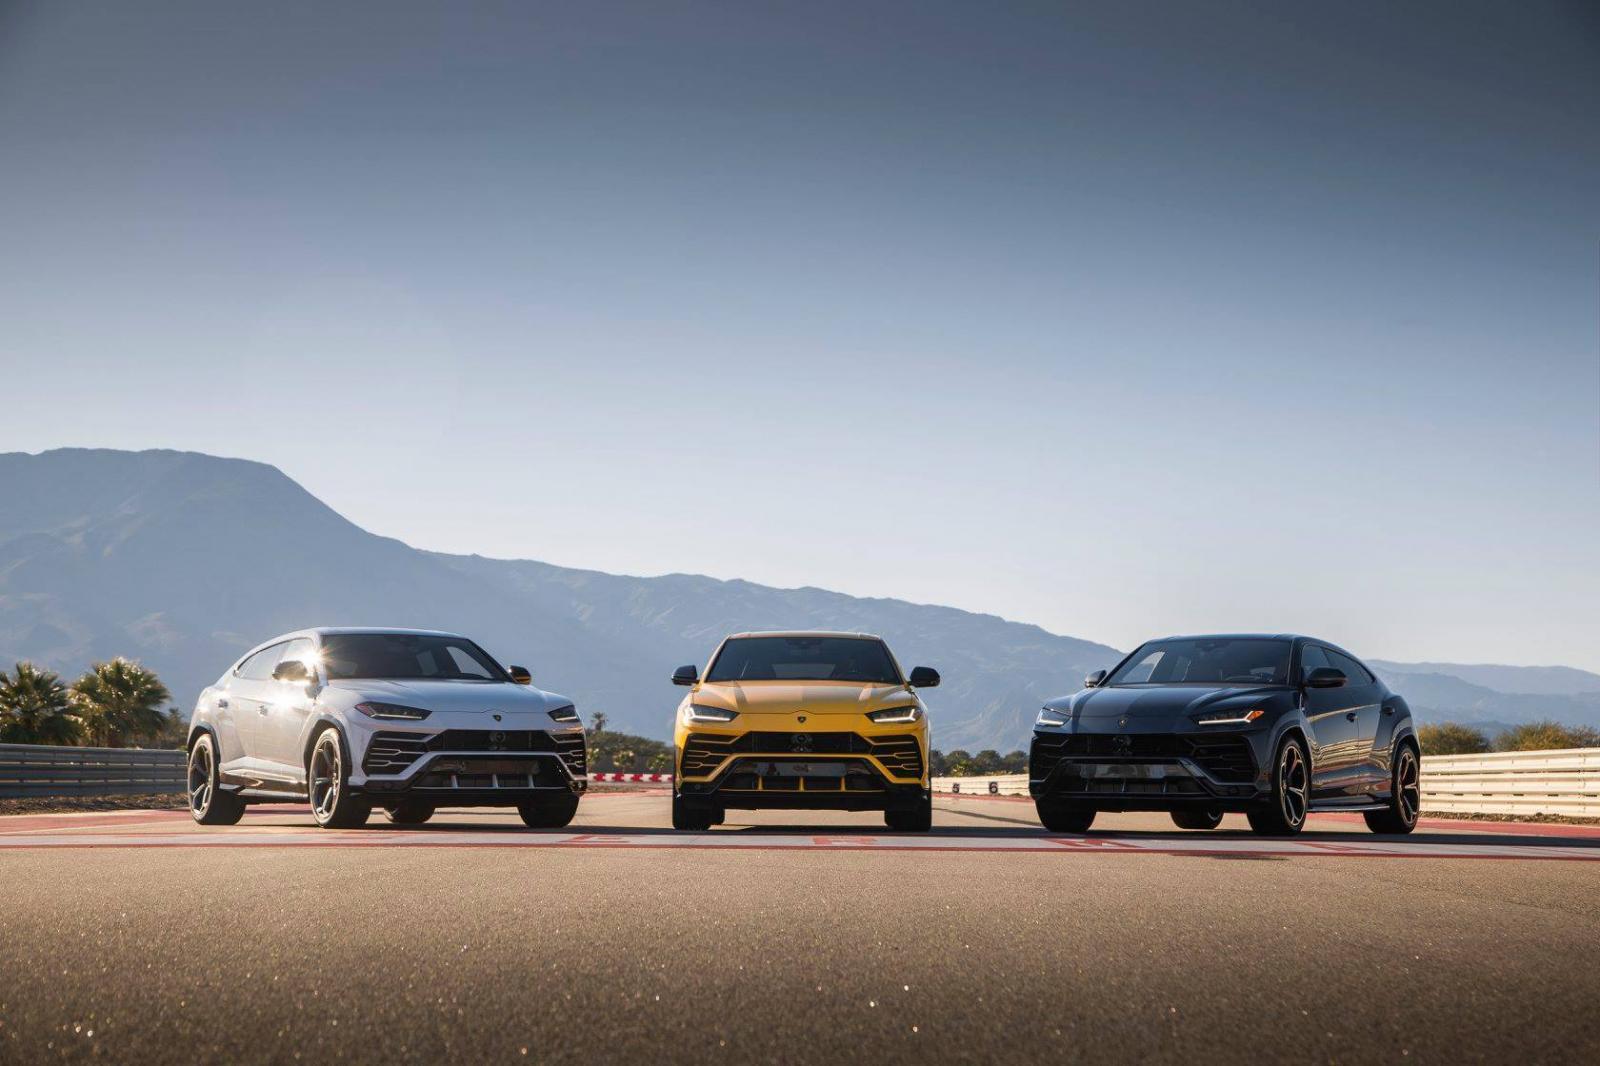 doanh số Lamborghini năm 2018